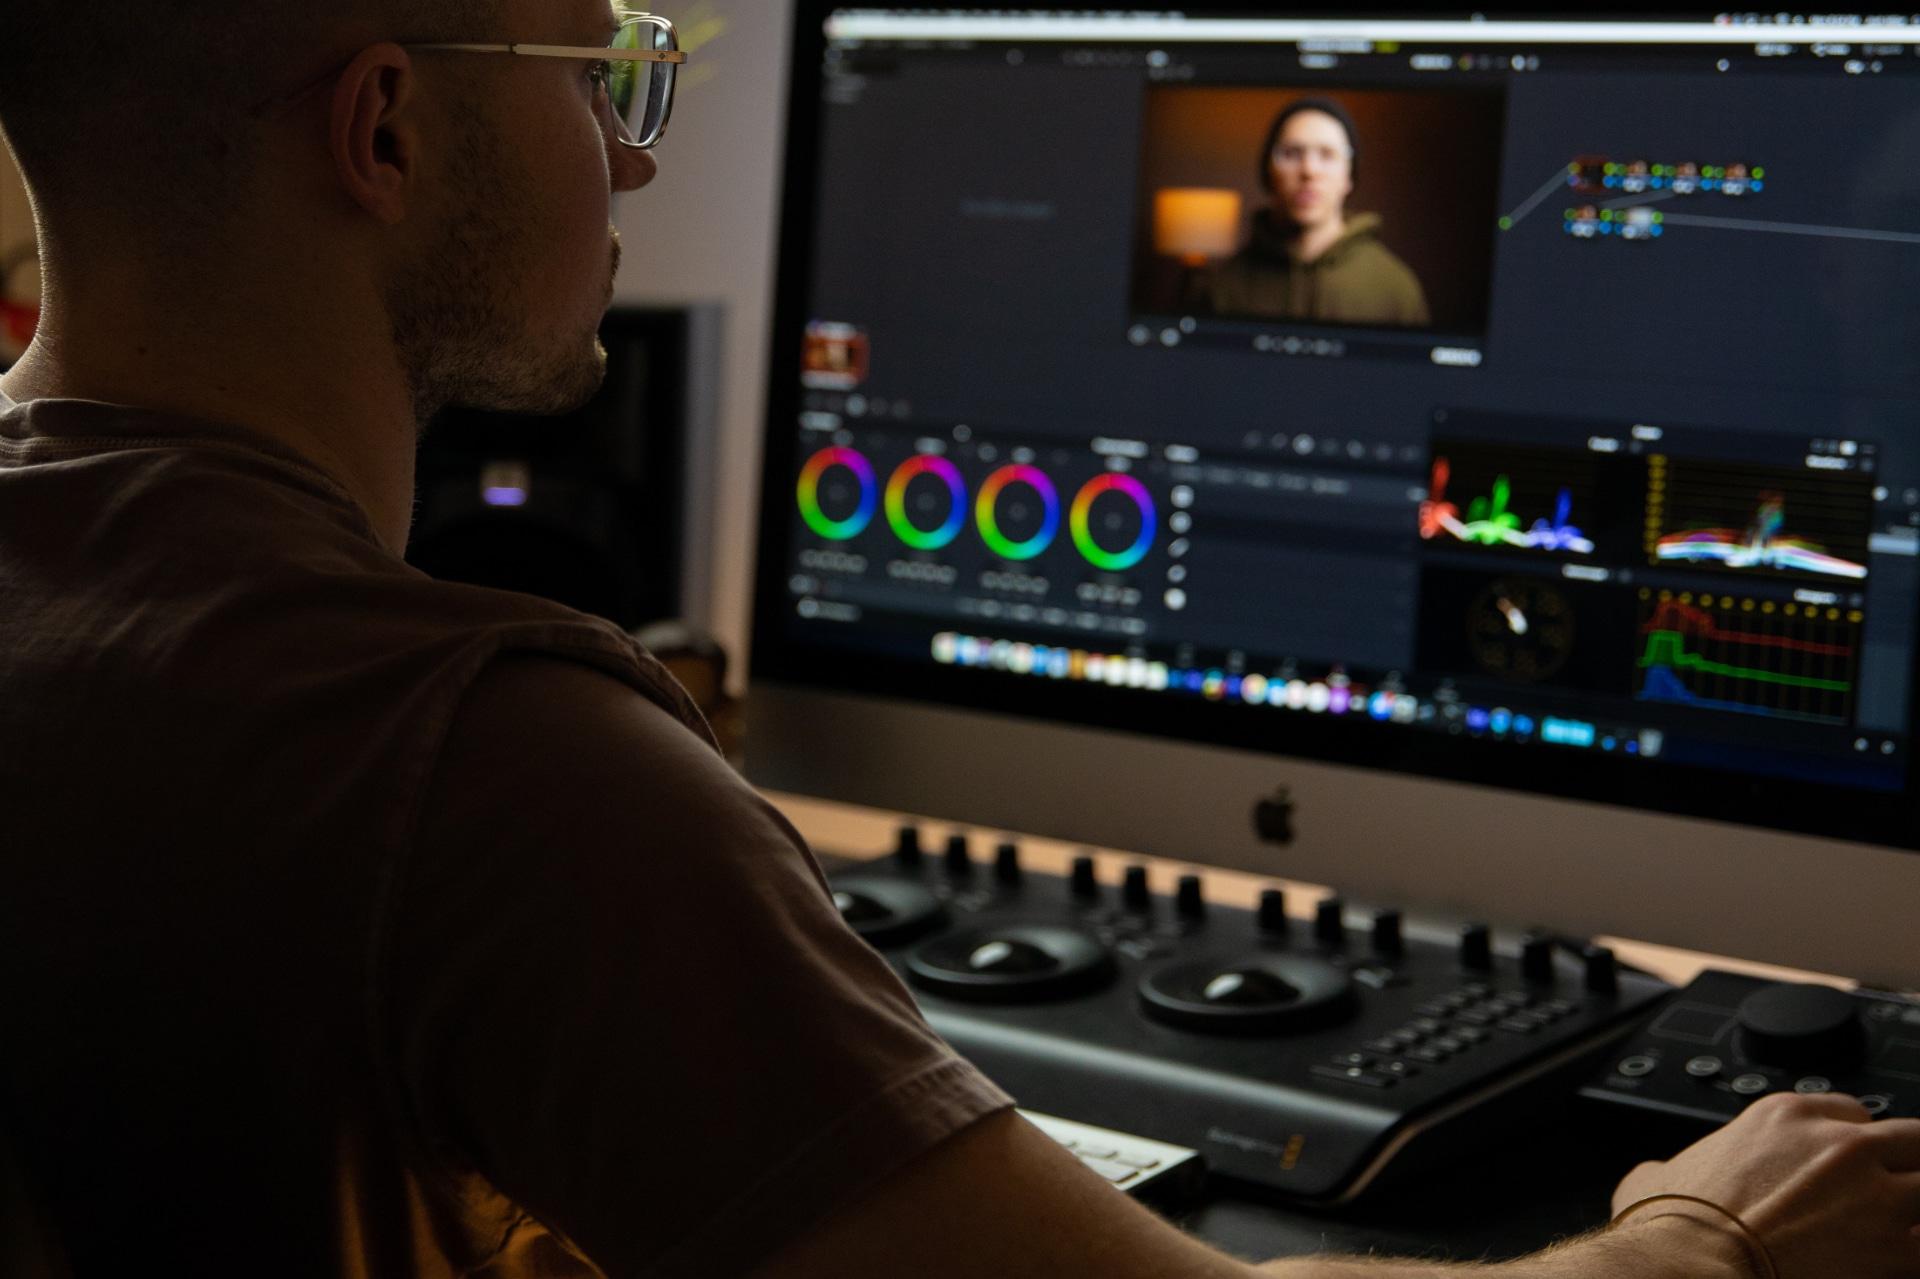 En man arbetar med videoredigering på dator i dämpad belysning